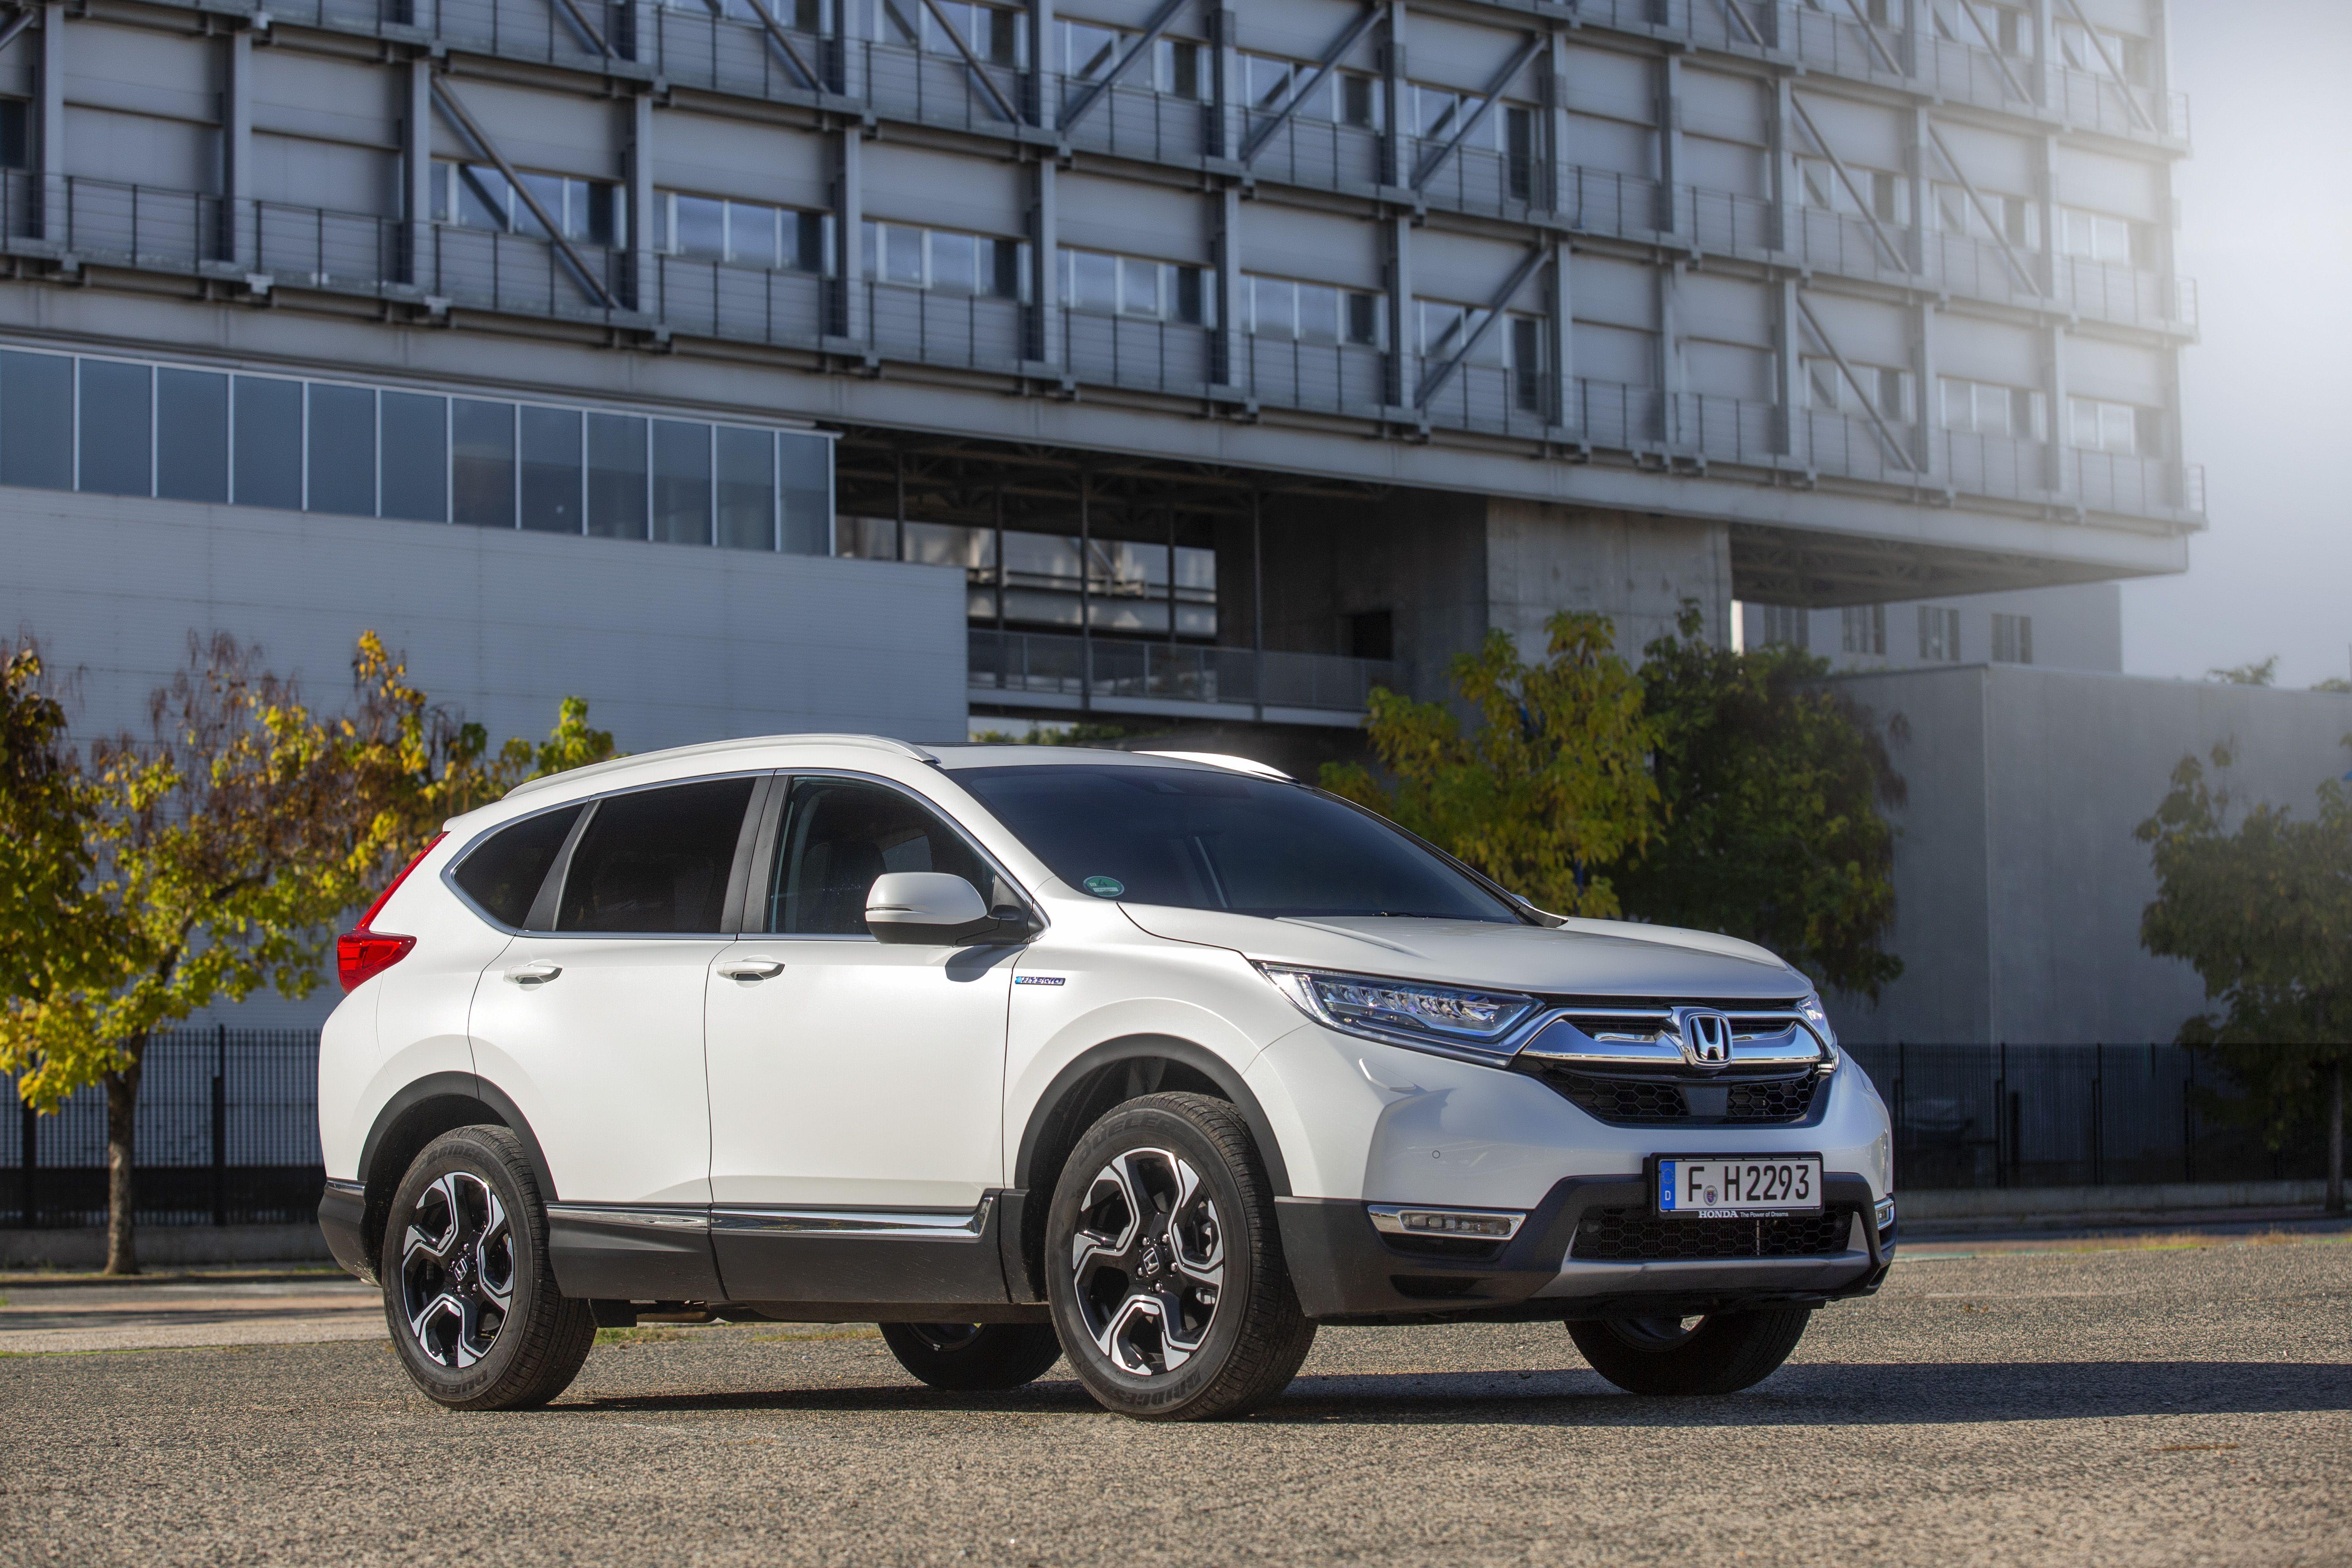 Kekurangan Honda Cr V 2019 Hybrid Tangguh